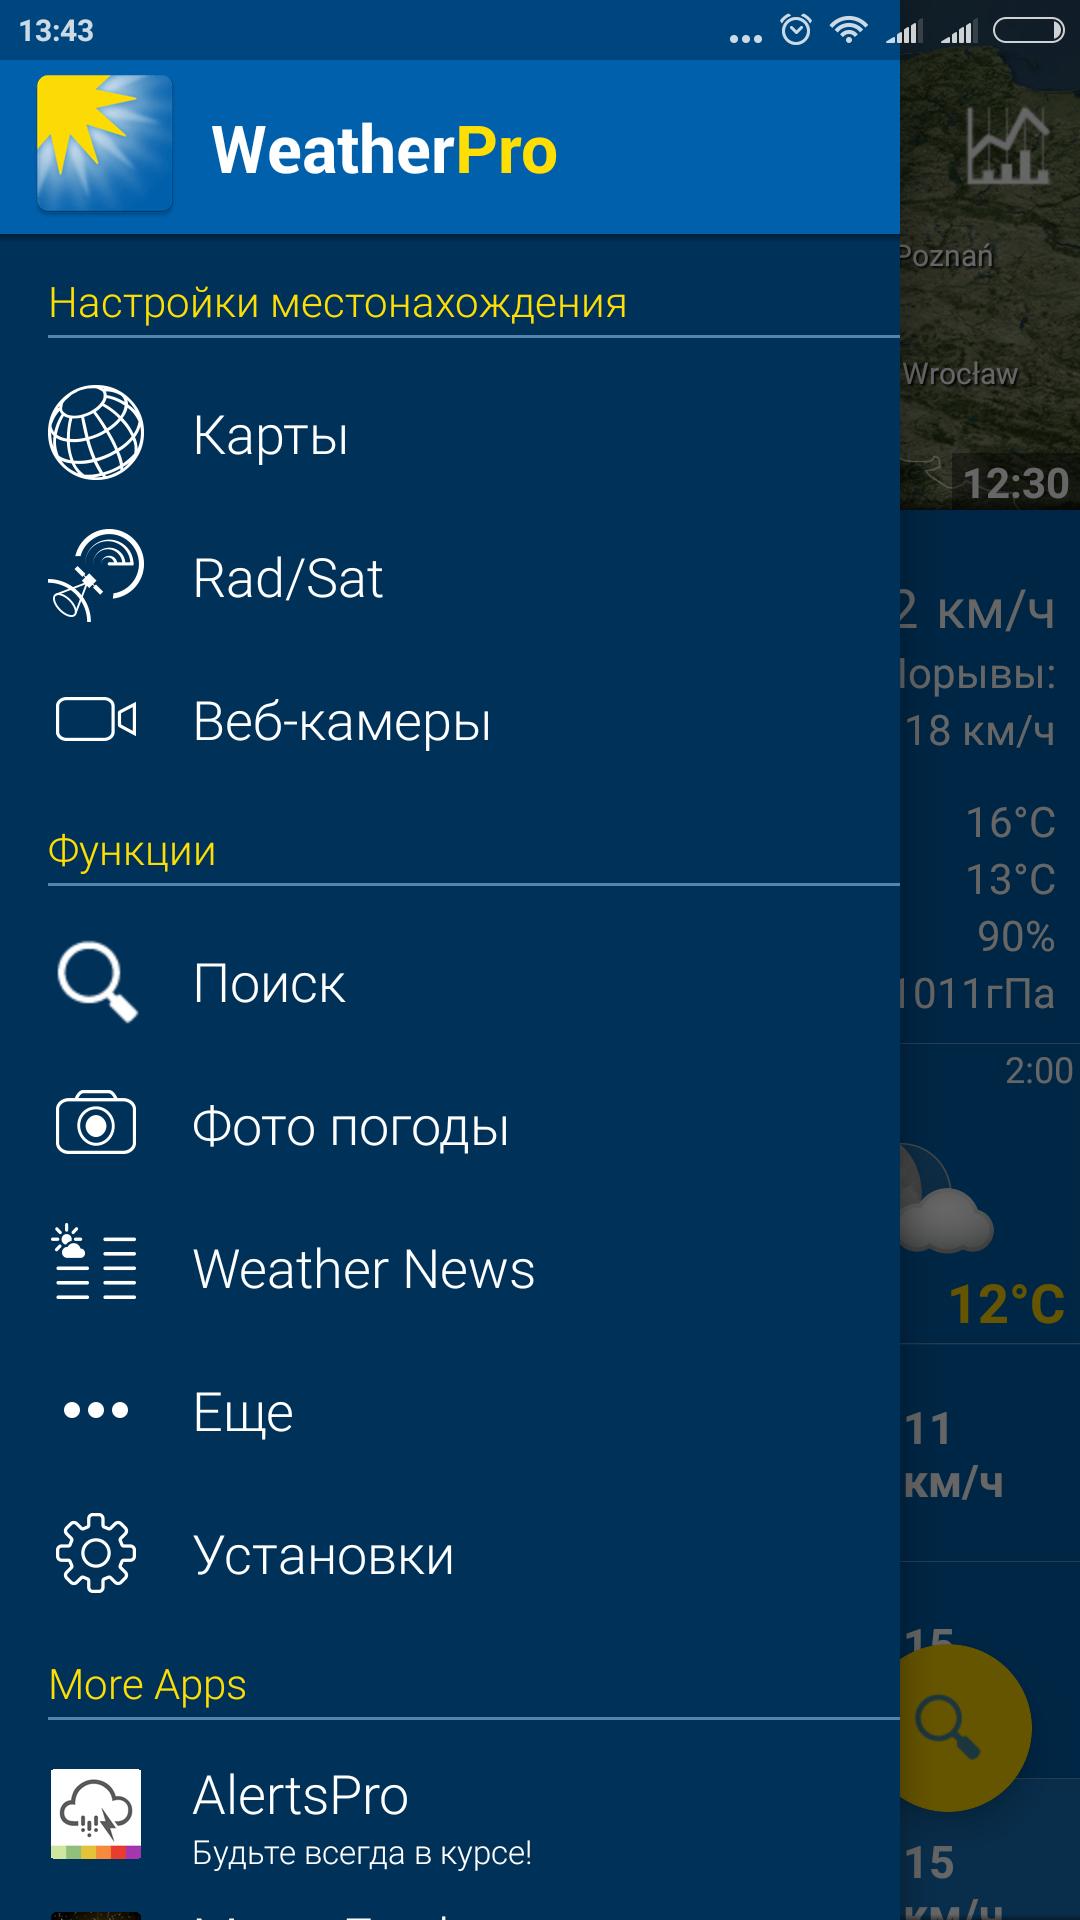 Скачать приложение погоды на андроид